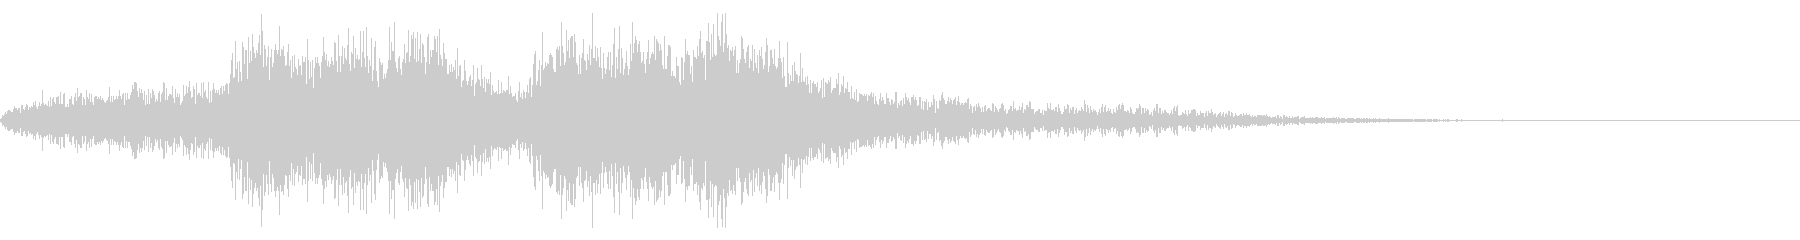 【ジングル】オーケストラ・成功系の未再生の波形